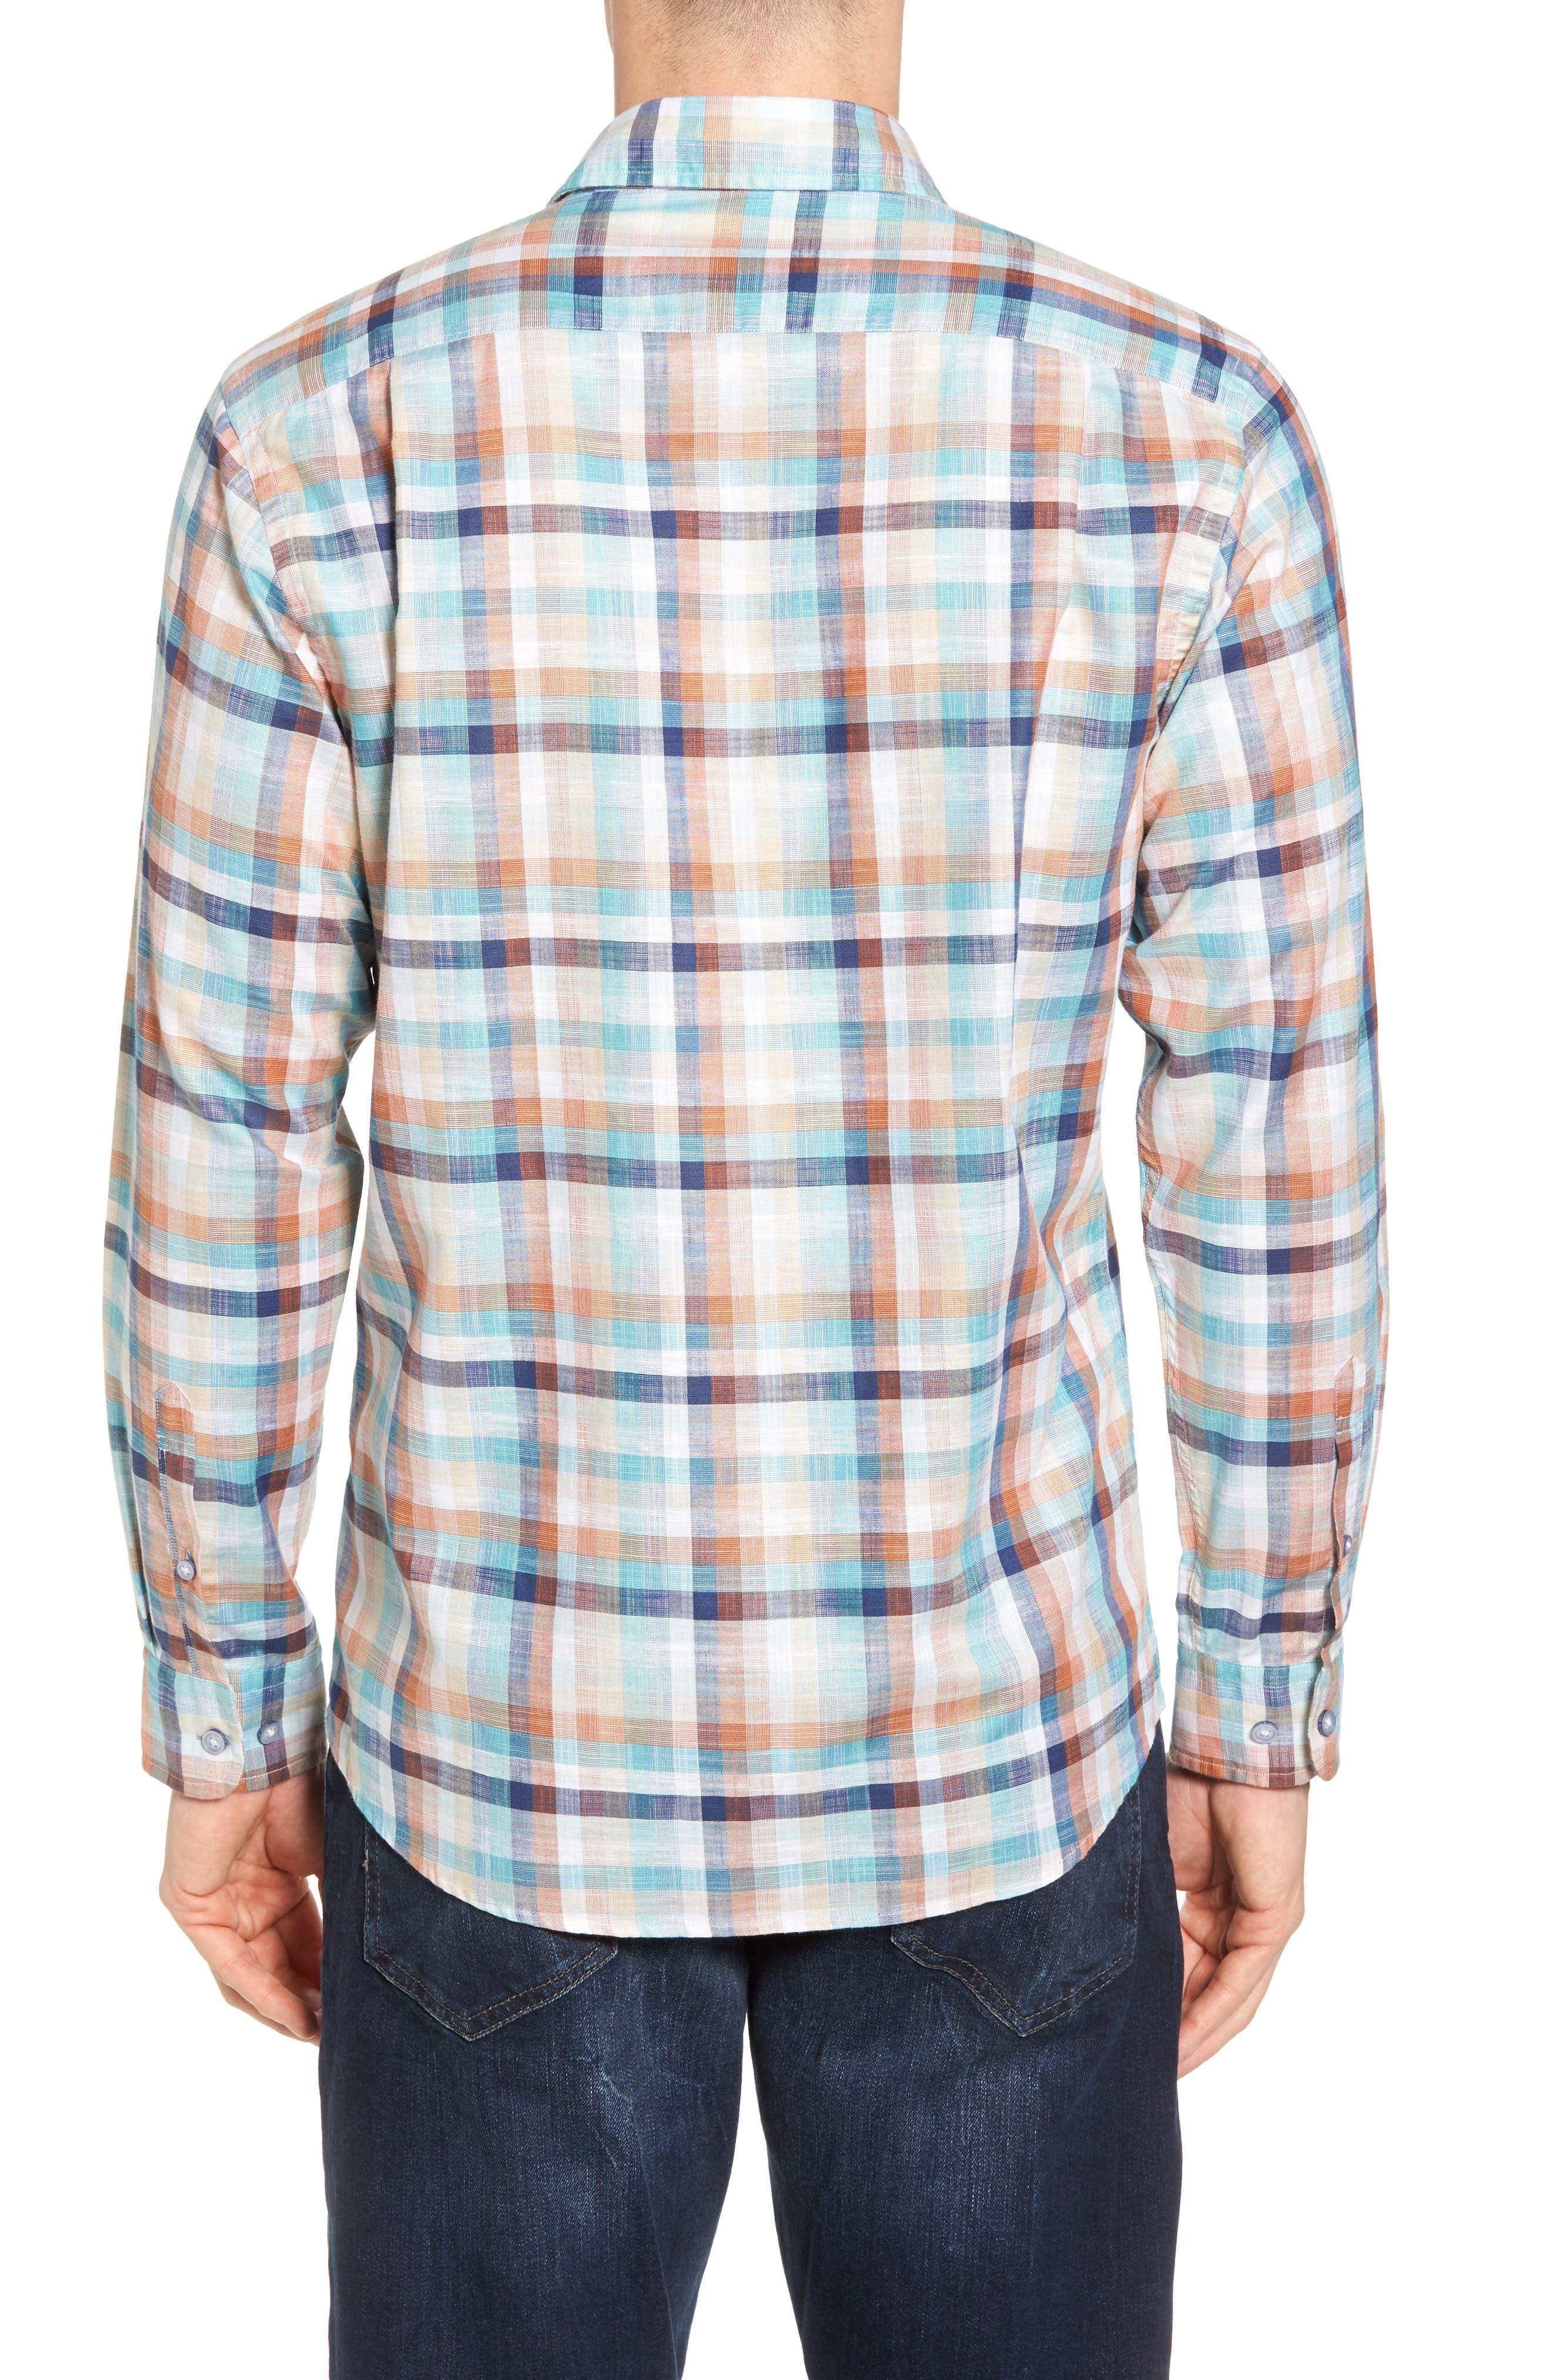 Blackburn Plaid Sport Shirt,                             Alternate thumbnail 2, color,                             200